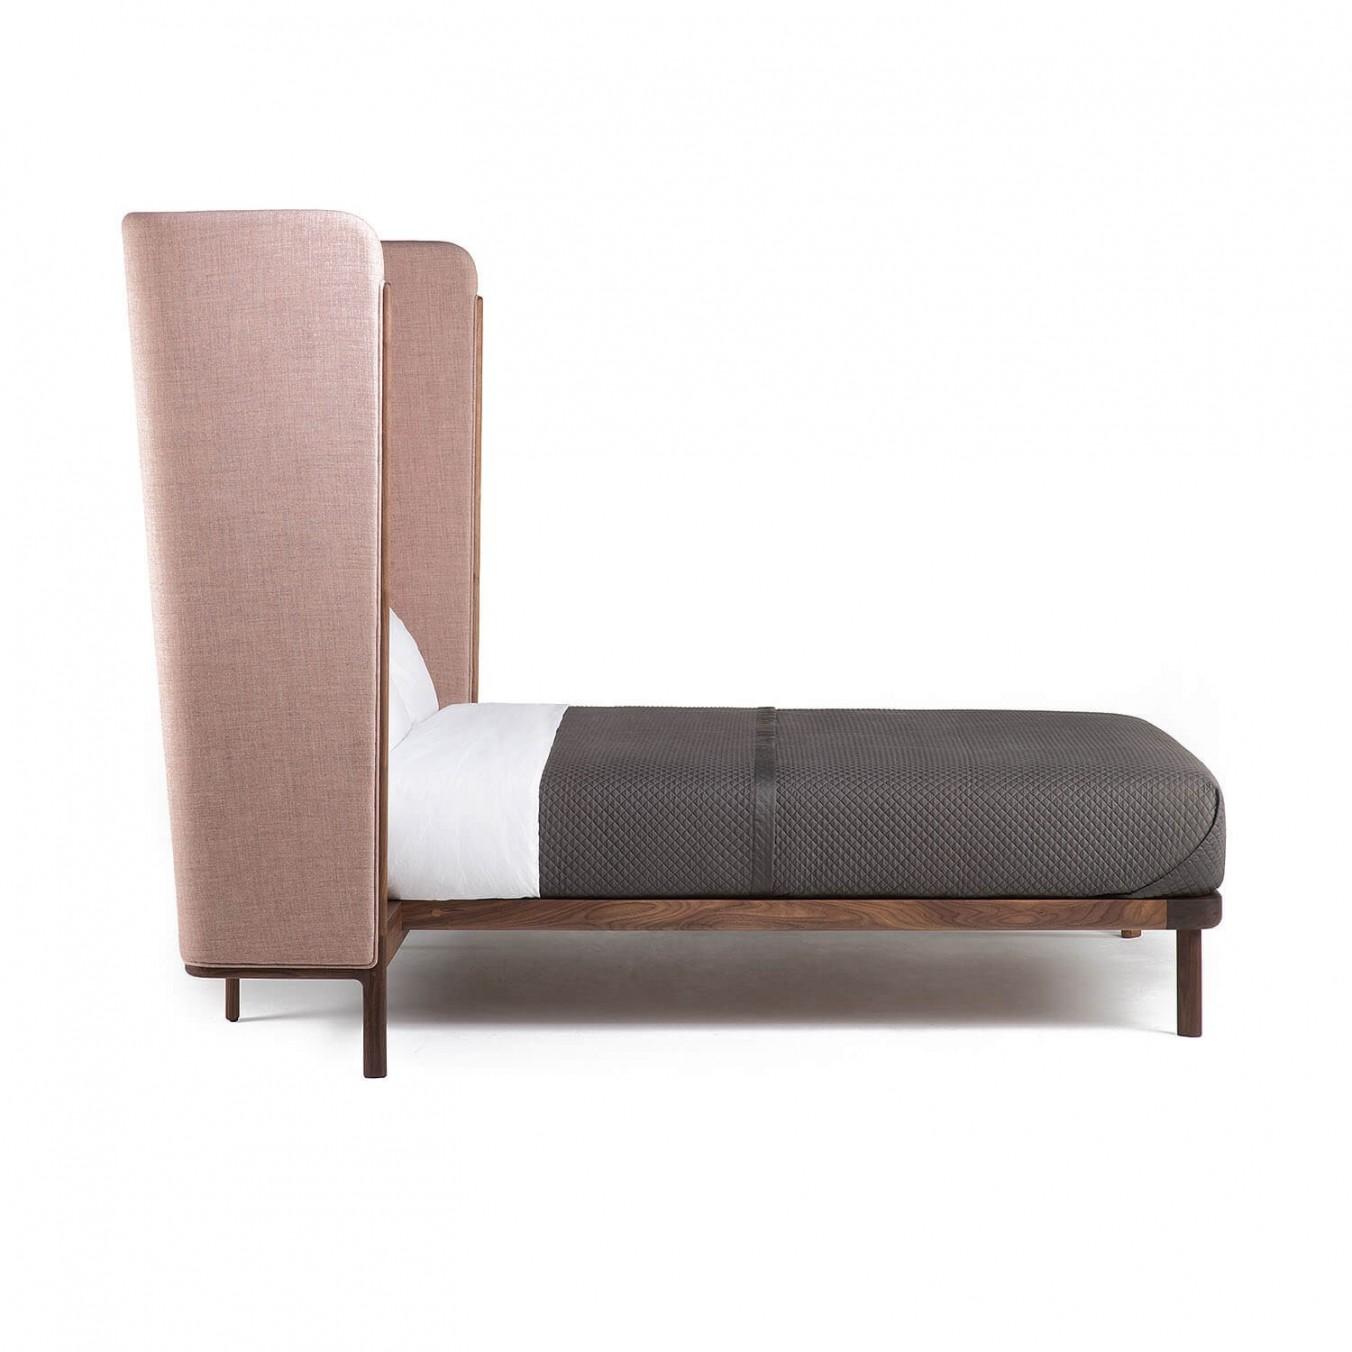 DUBOIS BED